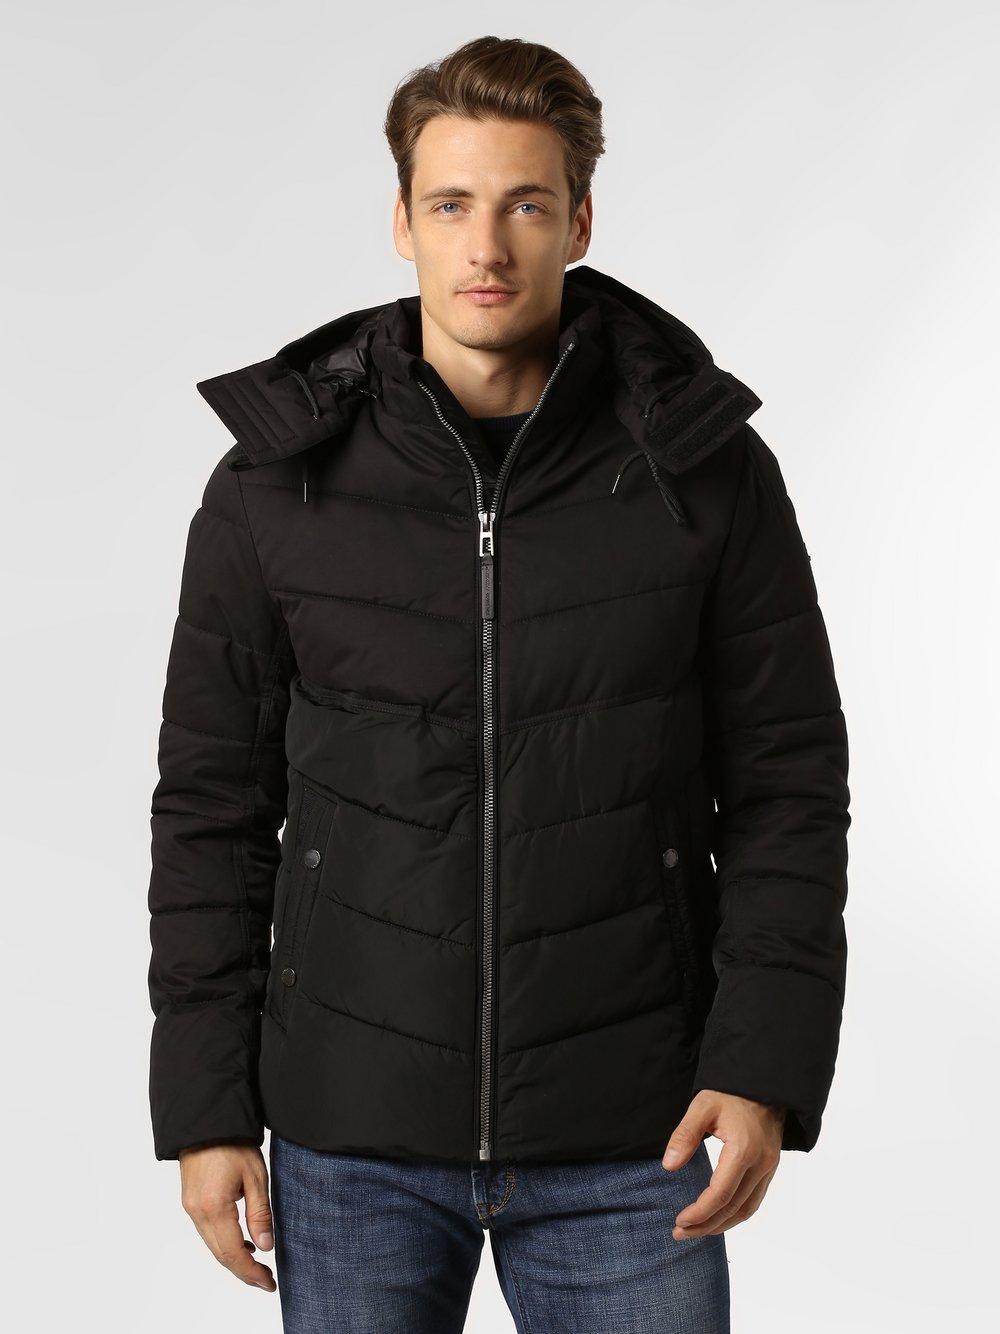 Tom Tailor – Męska kurtka funkcyjna, czarny Van Graaf 447809-0001